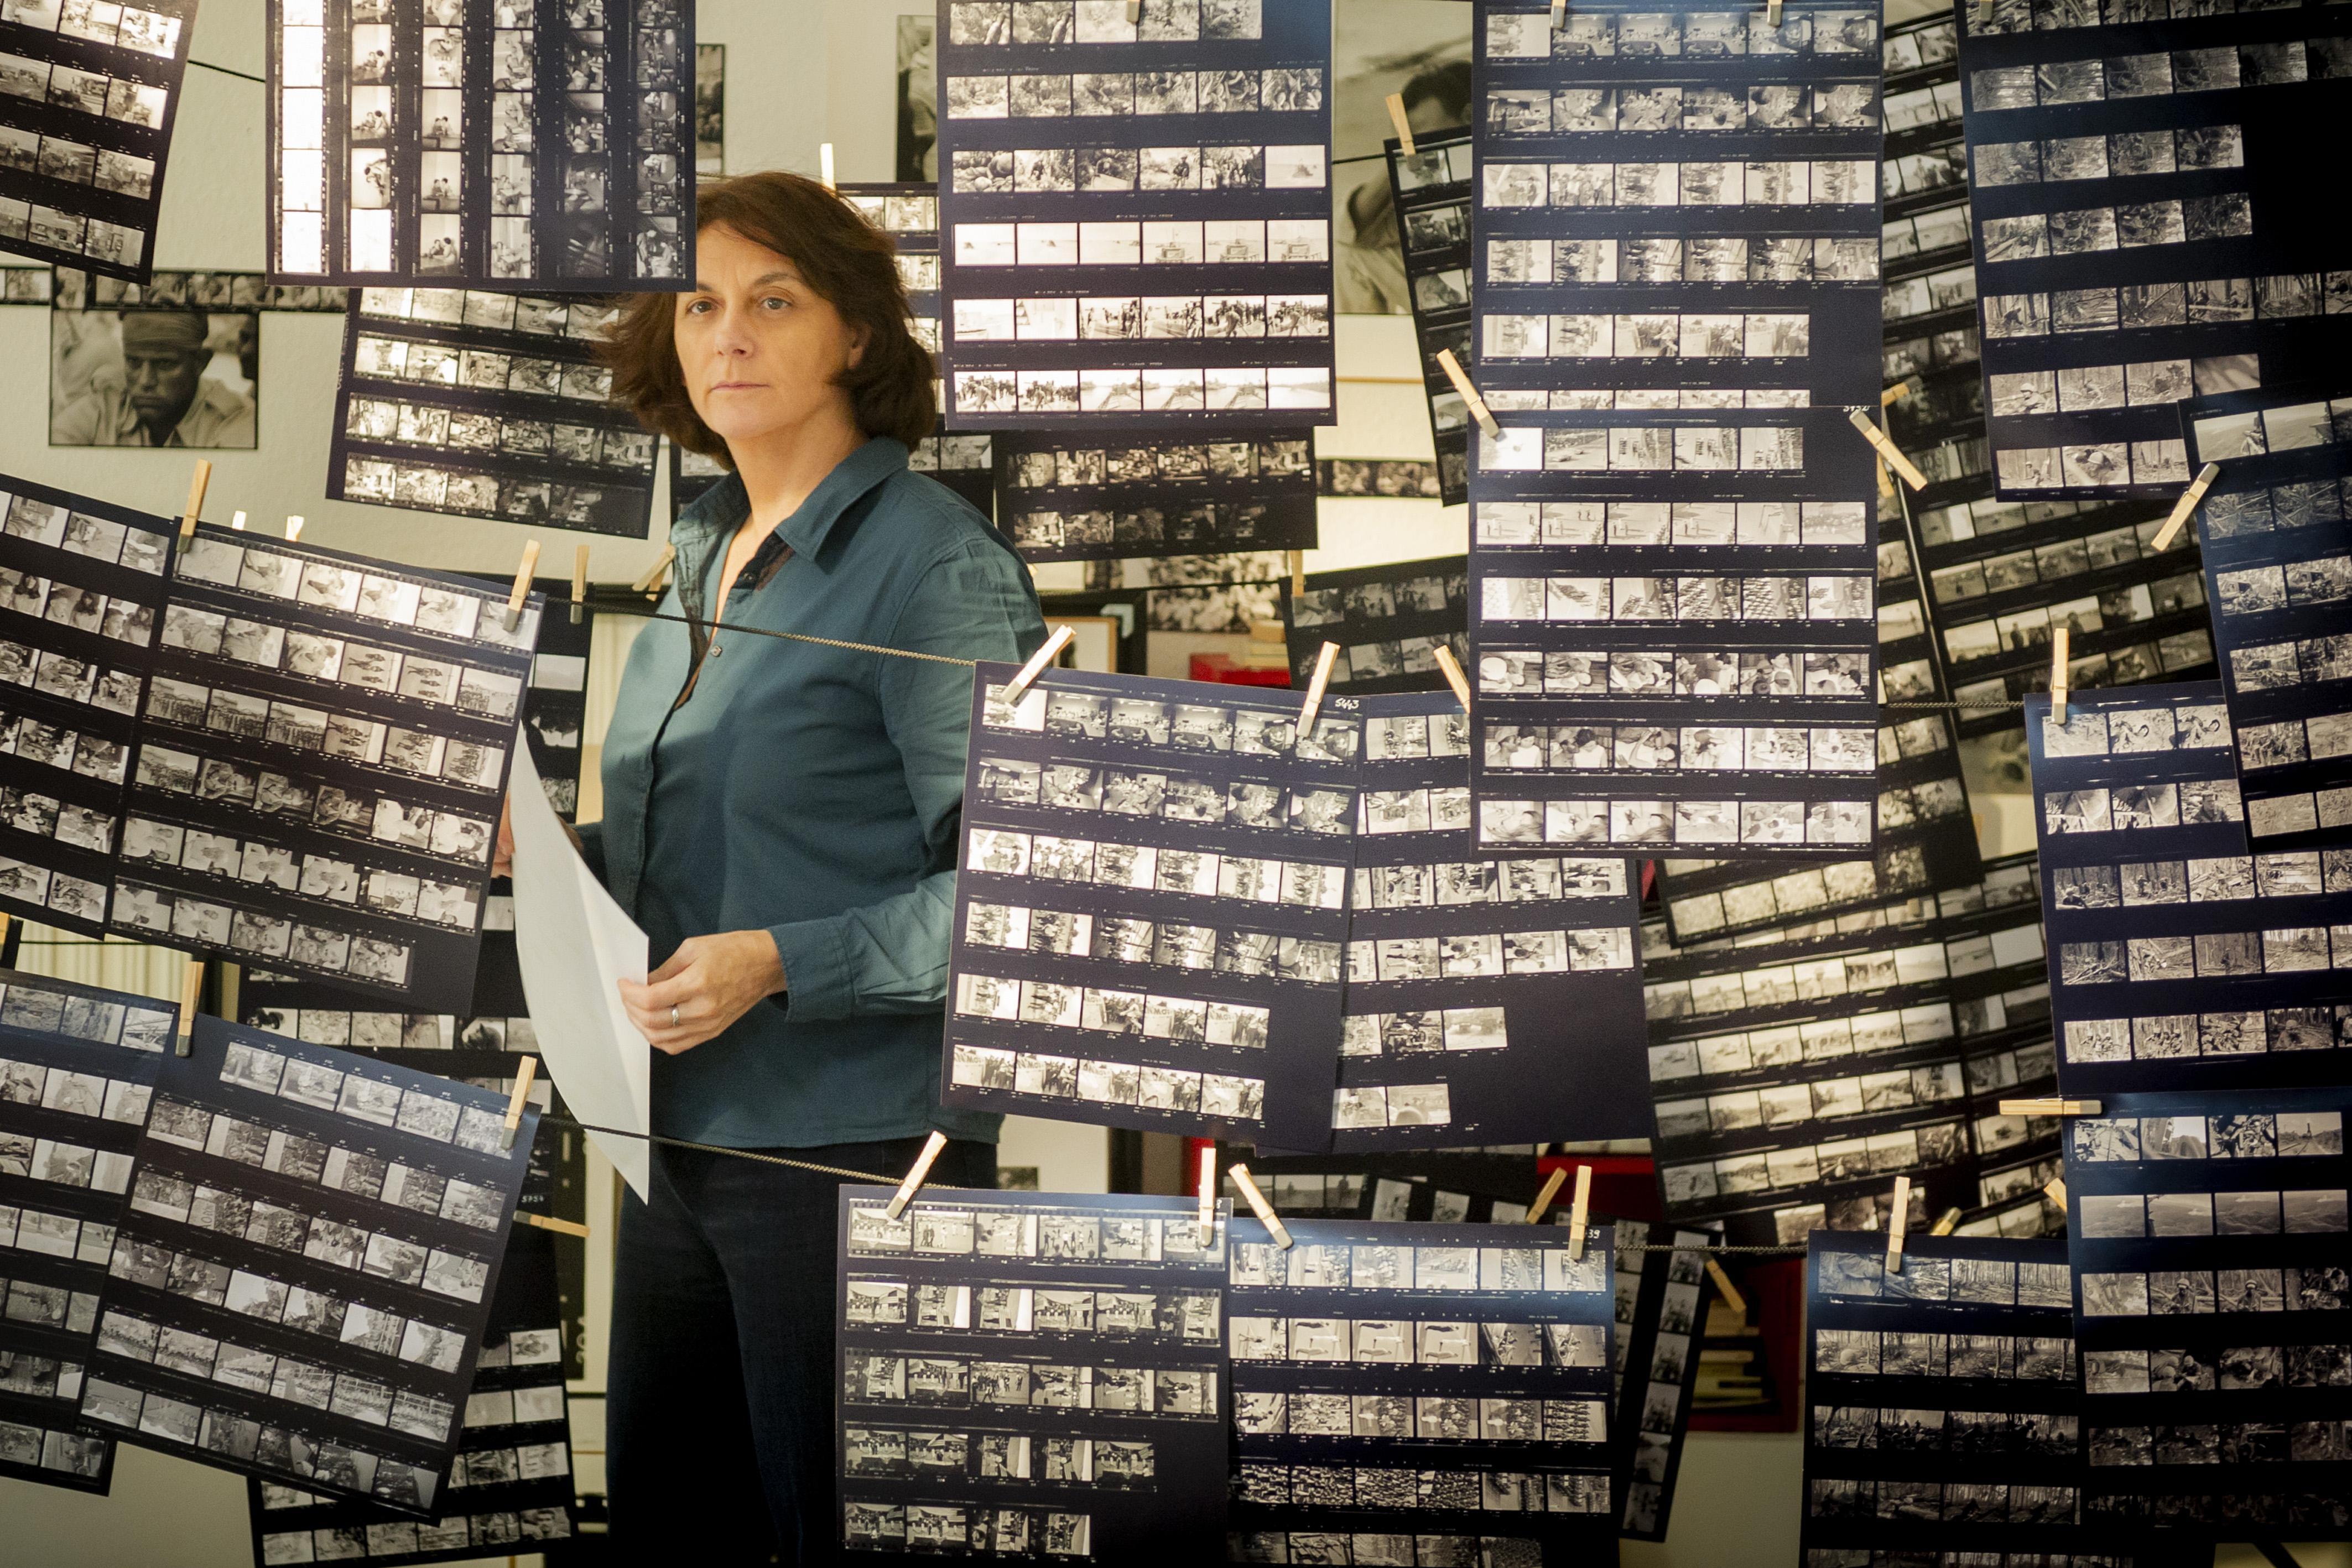 histiore_d_un_regard_Mariana_Otero-film_documentaire_visa_perpignan